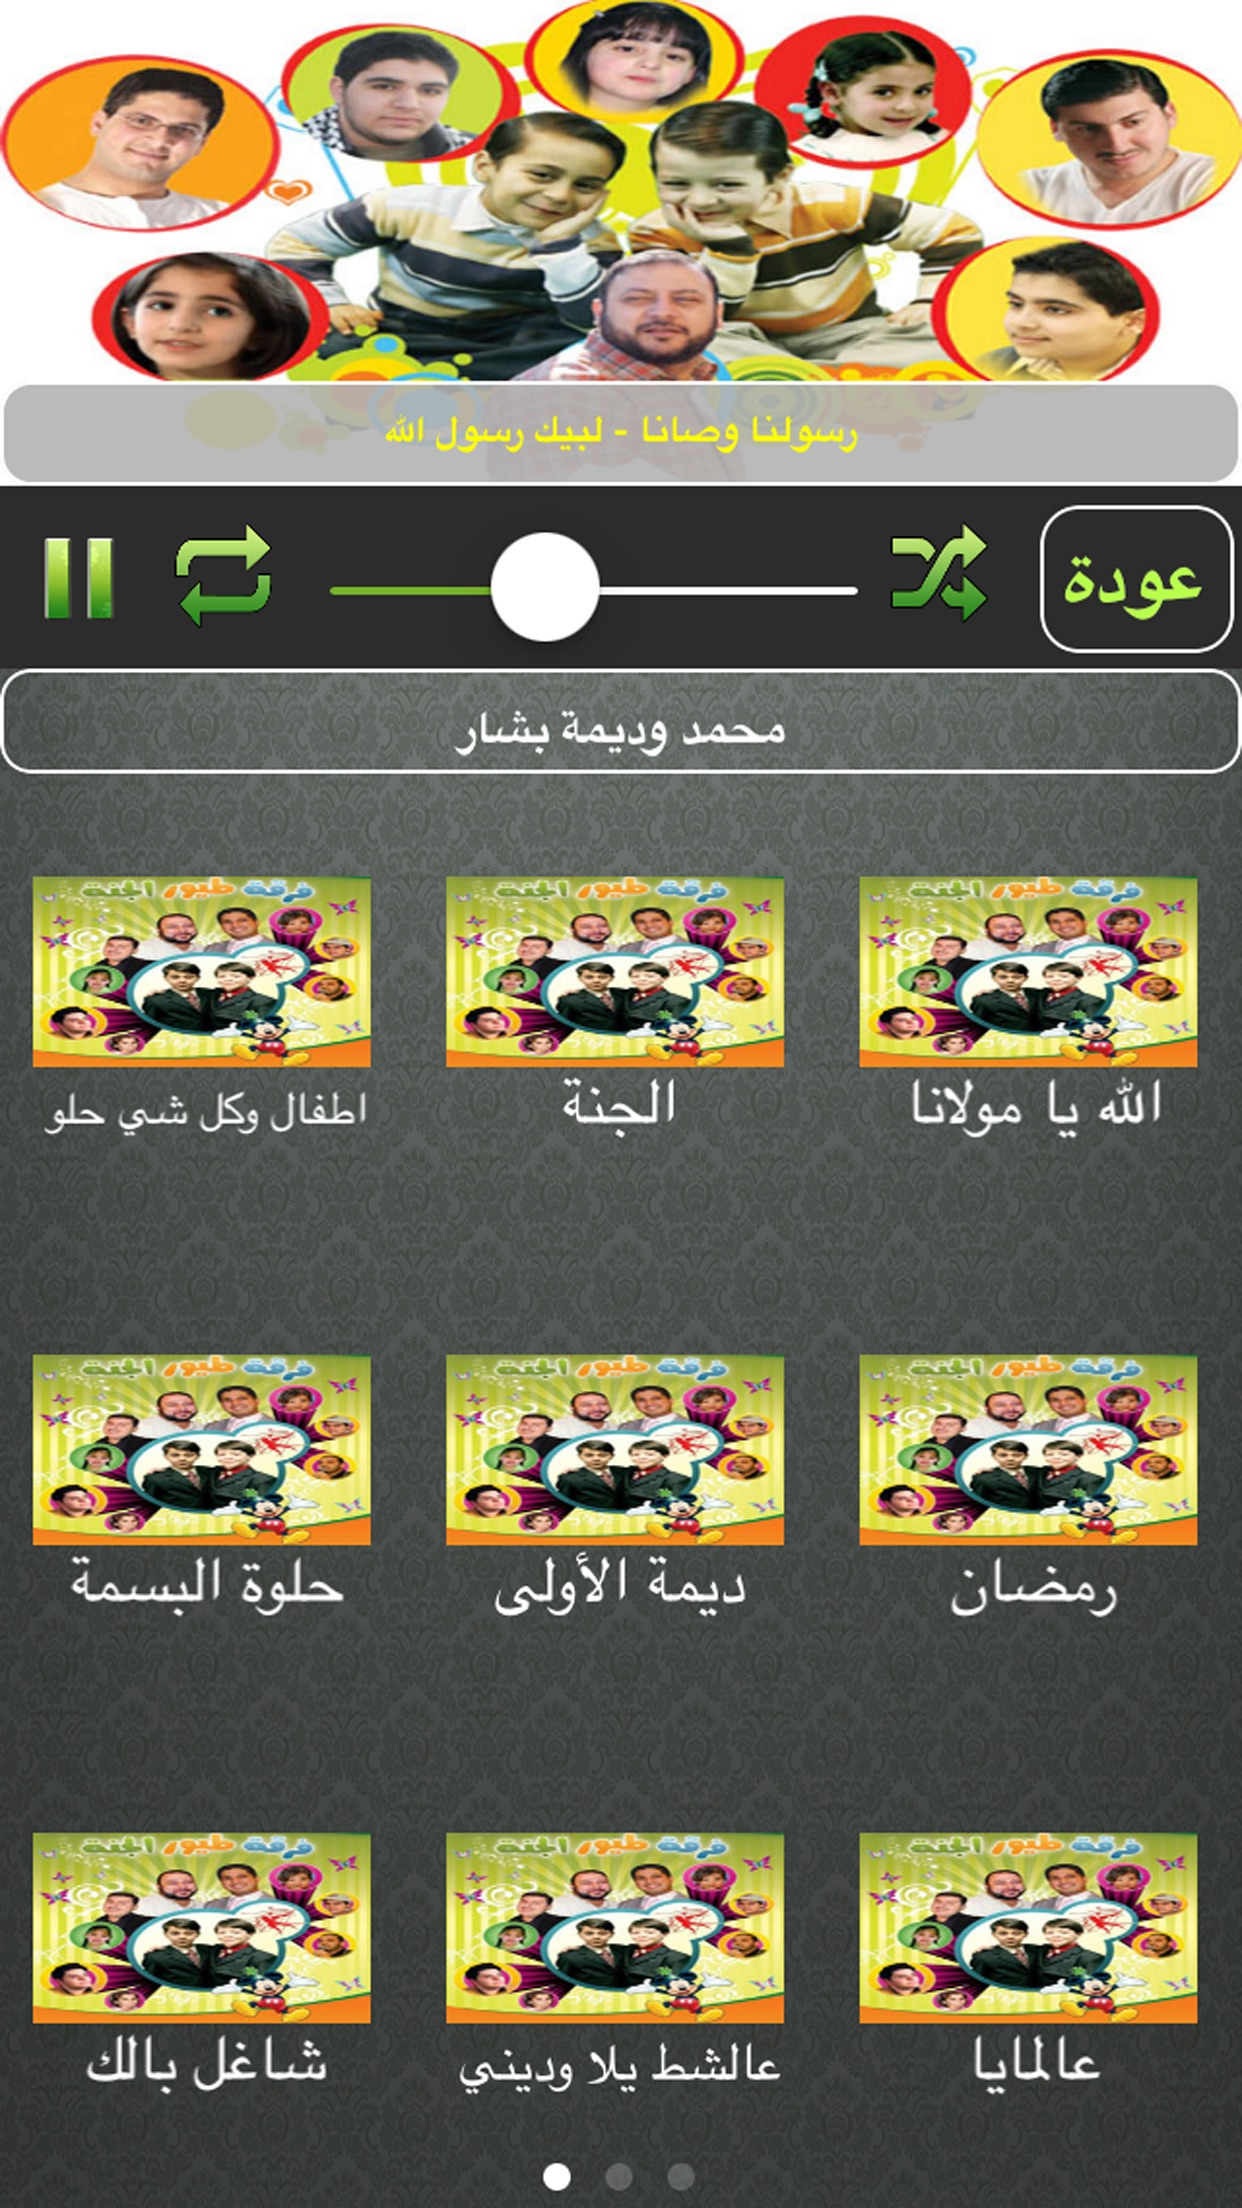 اغاني بنات طيور الجنه بدون نت اناشيد العاب اطفال Screenshot